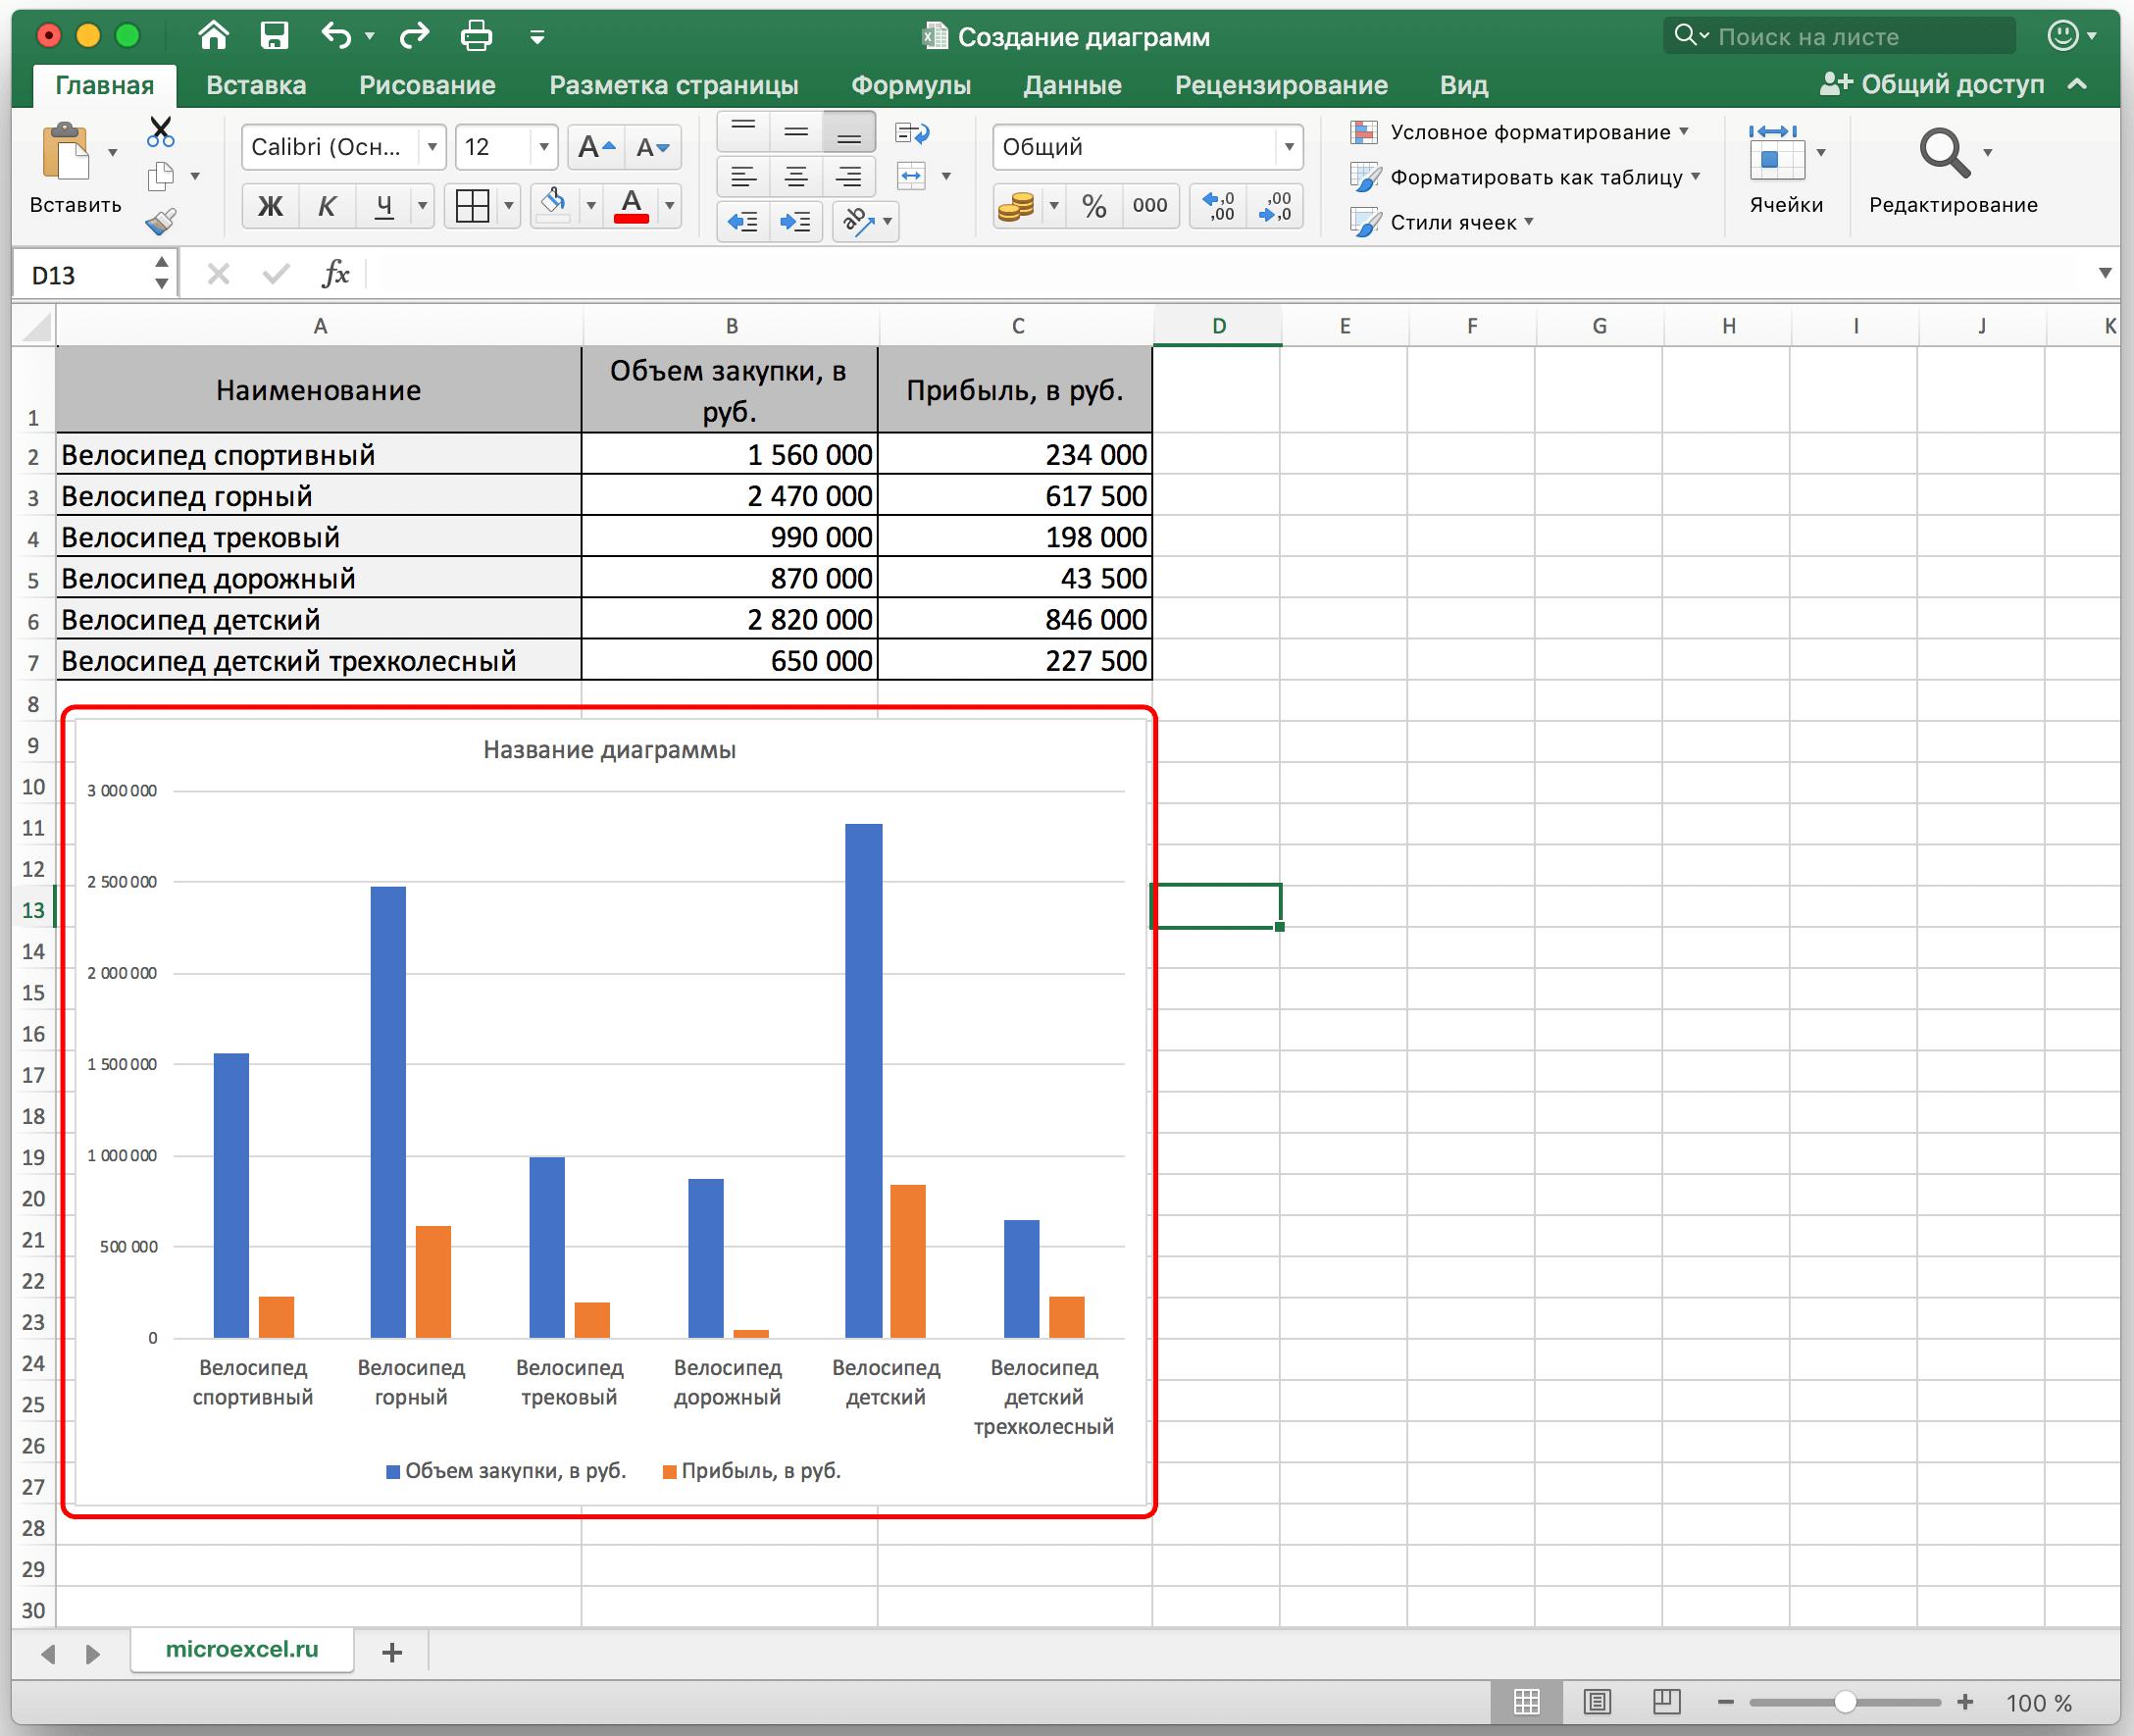 Построение графиков в excel по данным таблицы